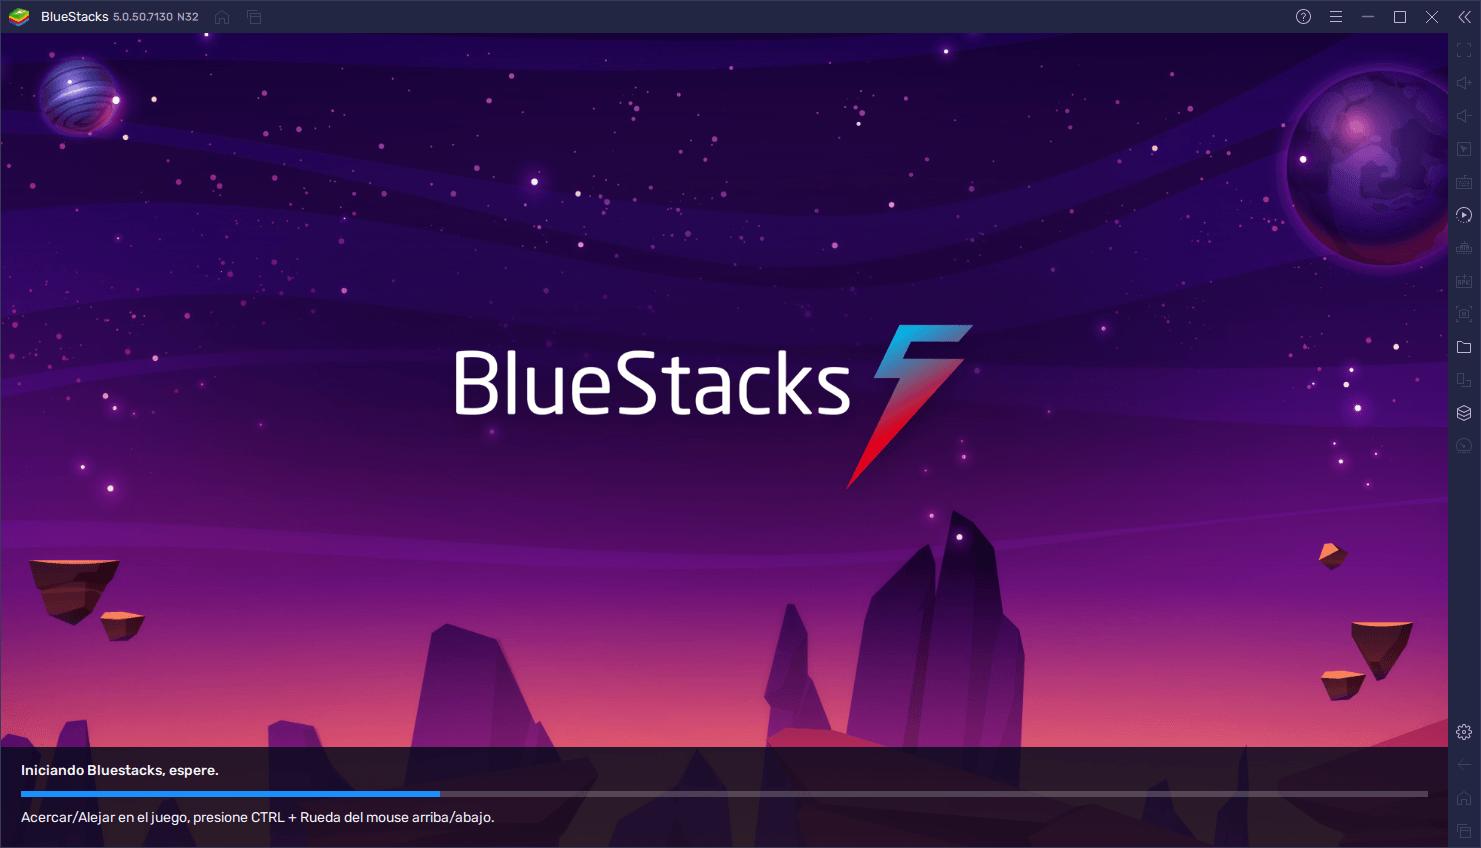 La Función de Recortar Memoria de BlueStacks 5 Garantiza Cero Lag en Juegos con el Menor Consumo de RAM Posible